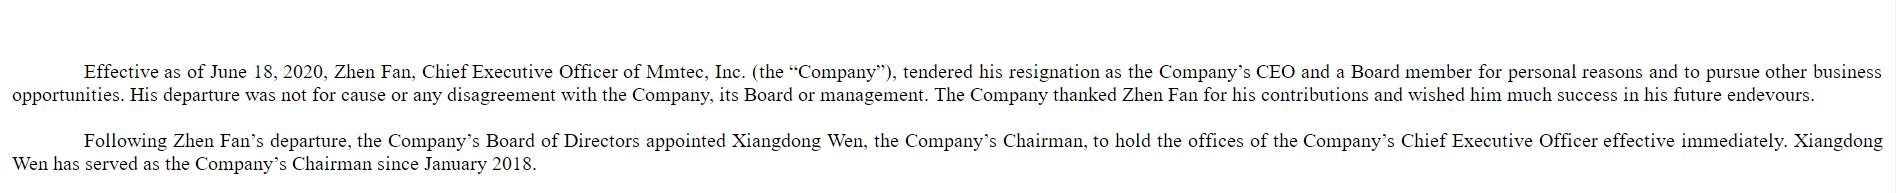 美美证券创始人兼CEO樊震离职,系媒体人创业曾在搜狐财经和凤凰财经任职